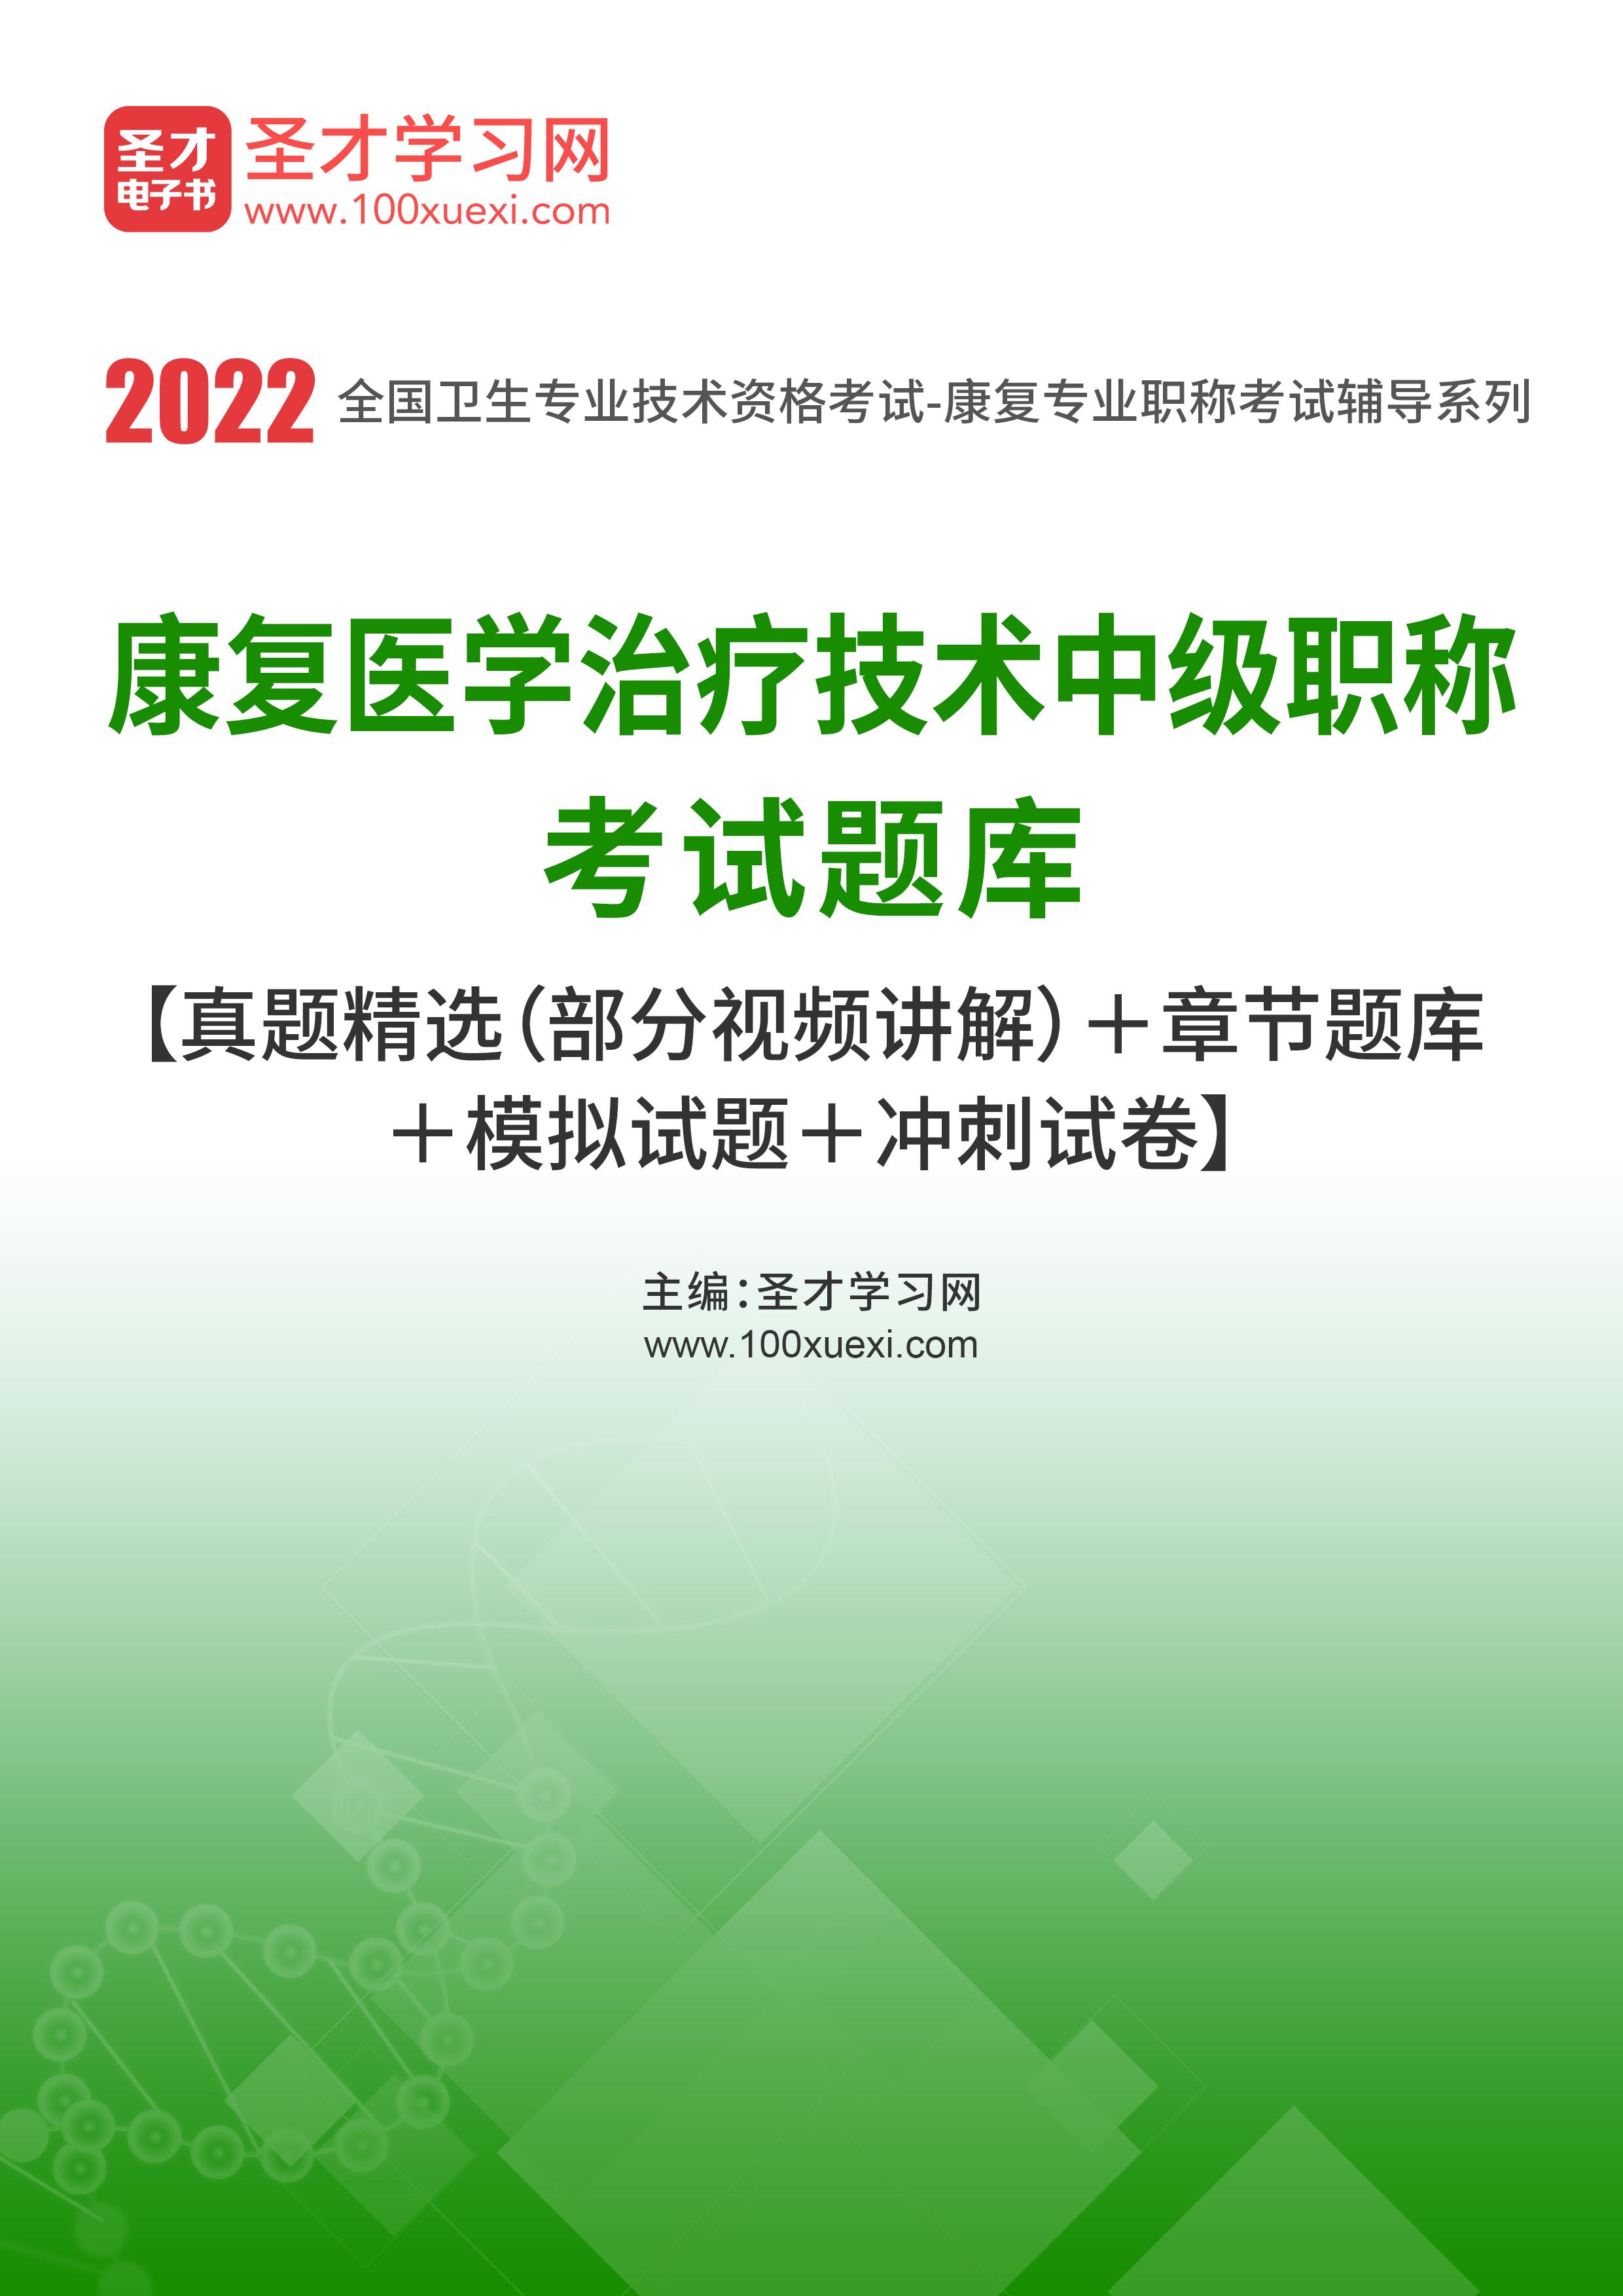 2022年康复医学治疗技术中级职称考试题库【真题精选(部分视频讲解)+章节题库+模拟试题】